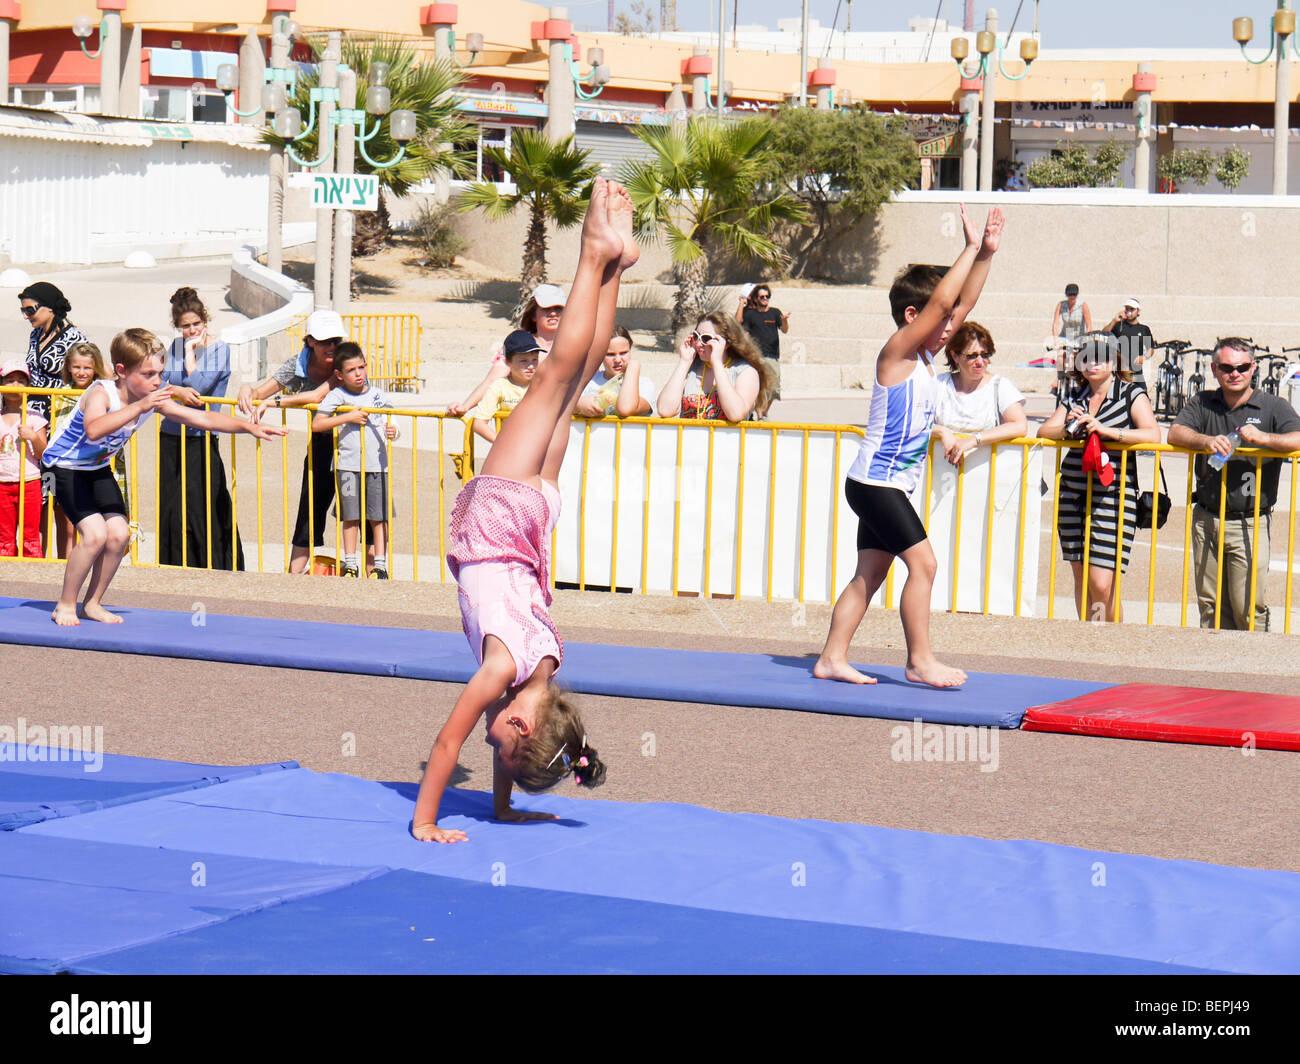 Israël, les Maccabiades, Juillet 2009 Photo Stock